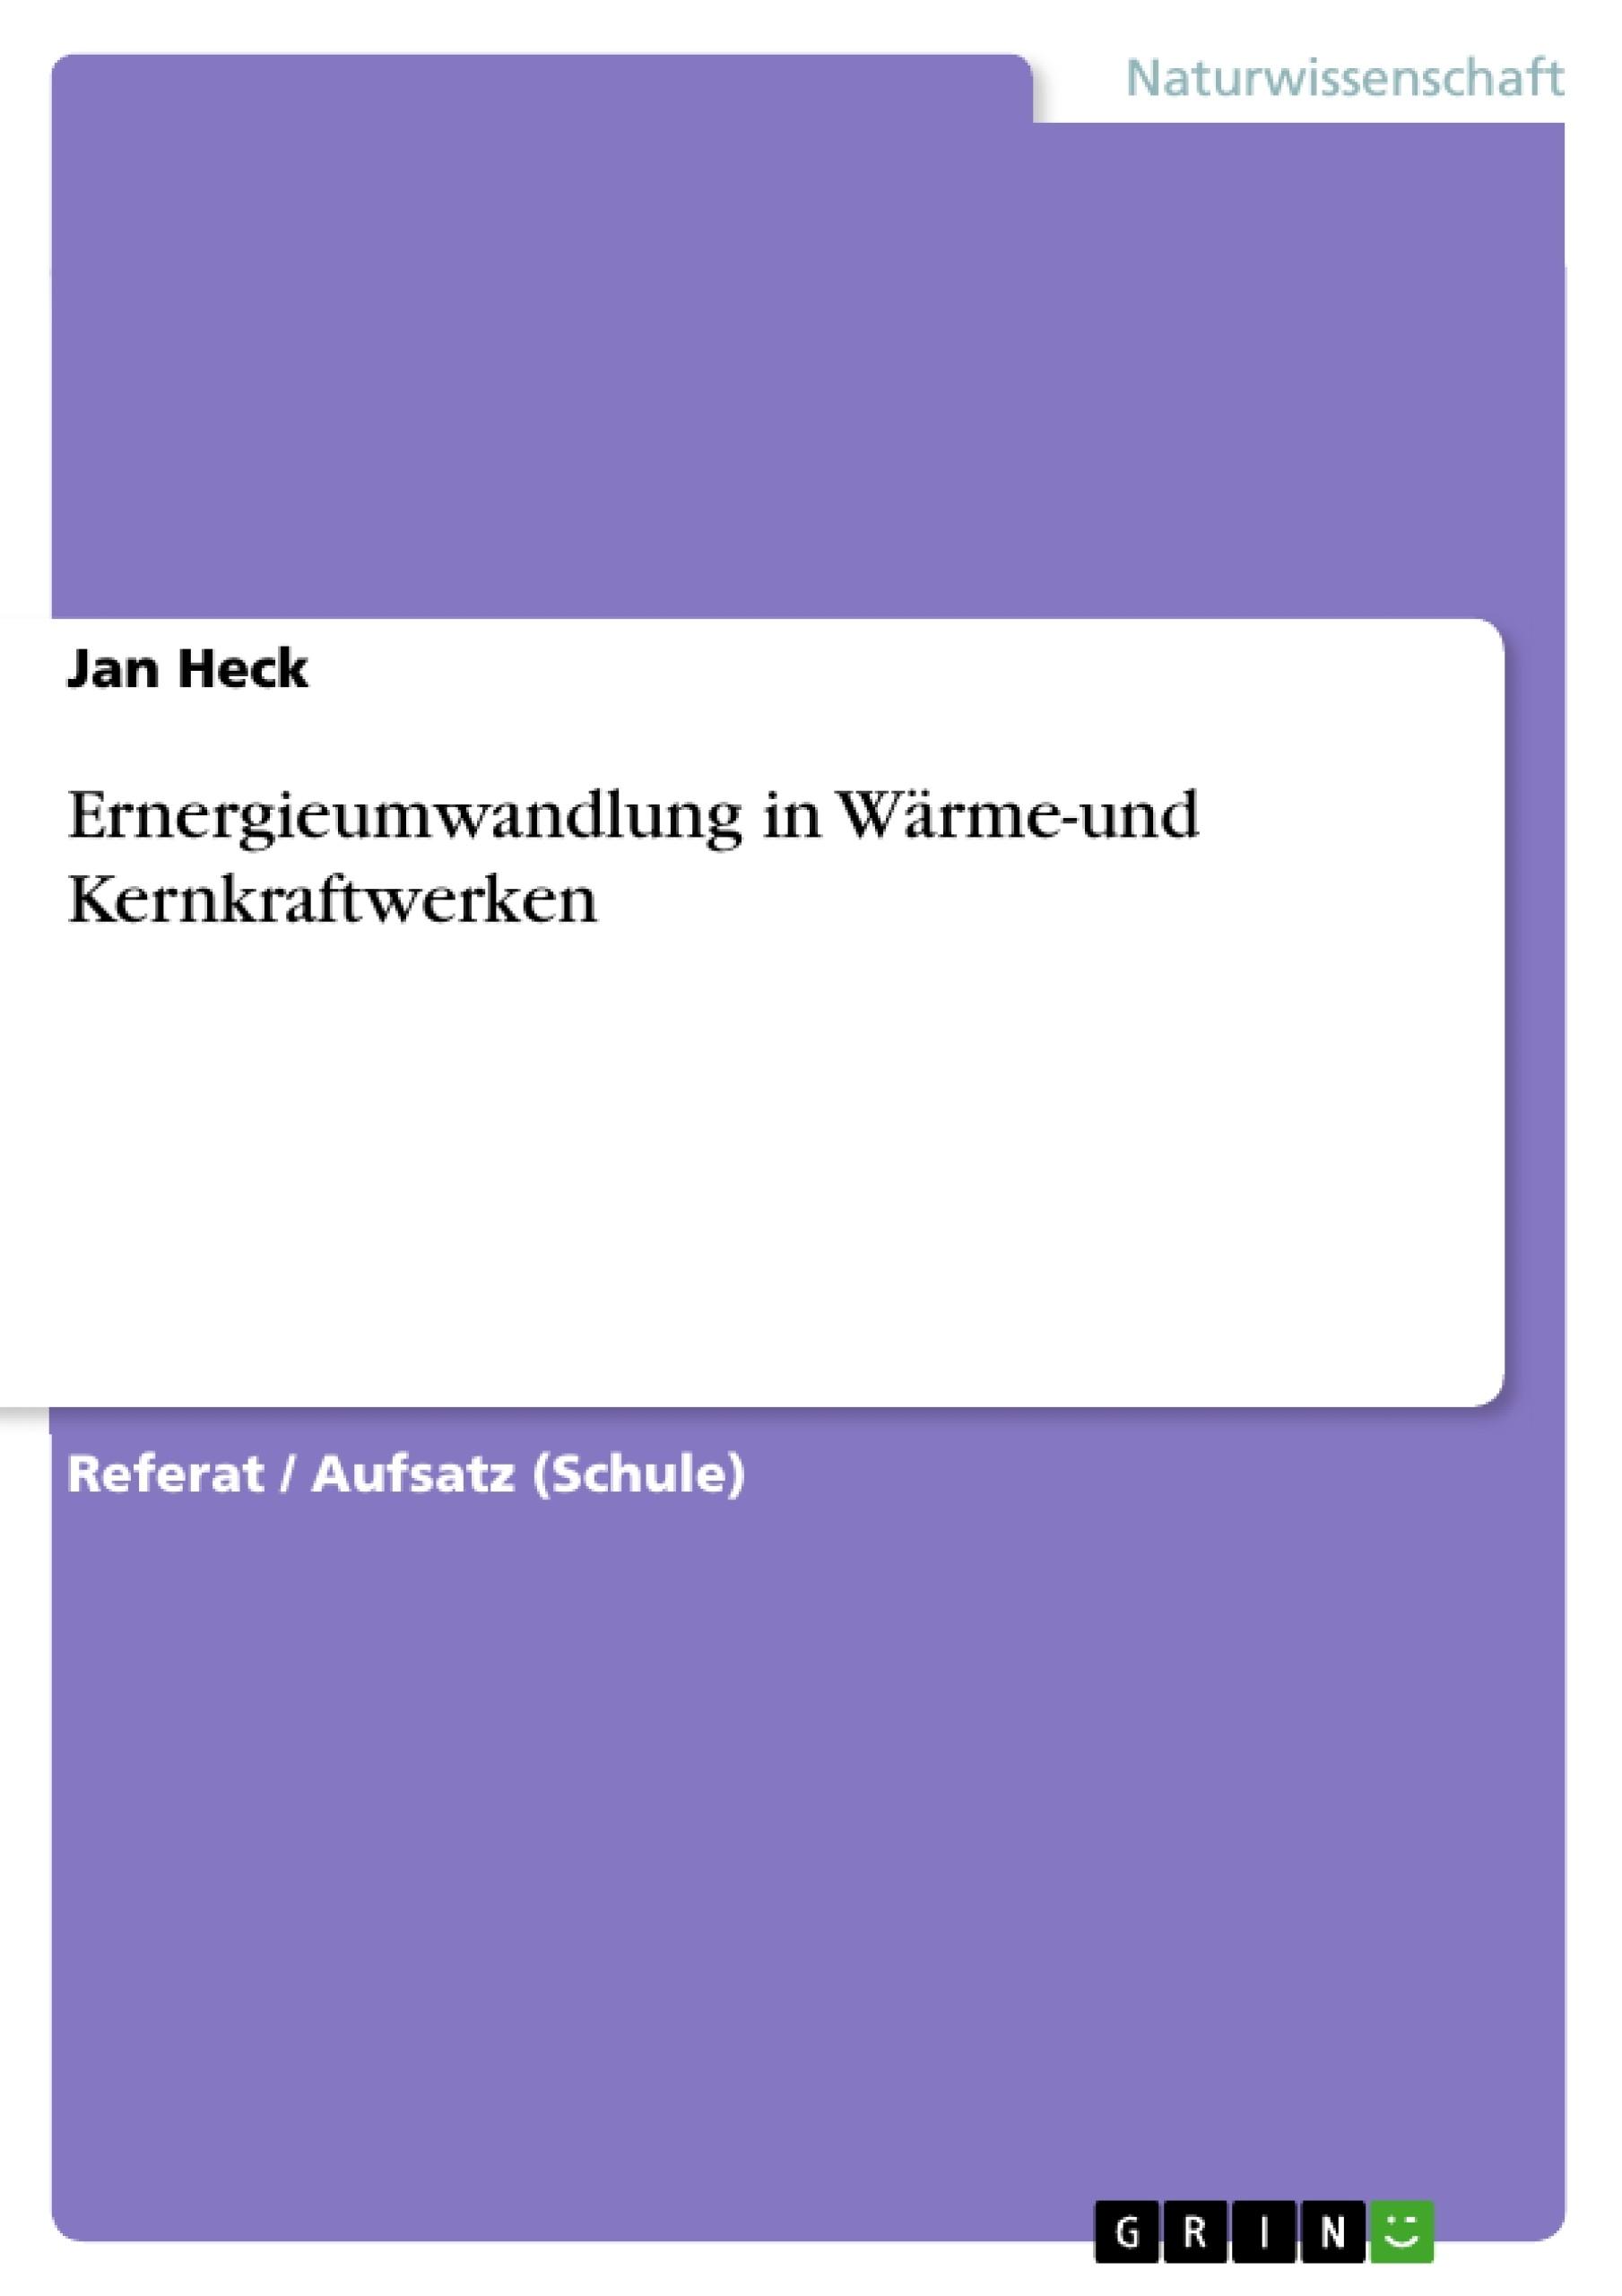 Titel: Ernergieumwandlung in Wärme-und Kernkraftwerken